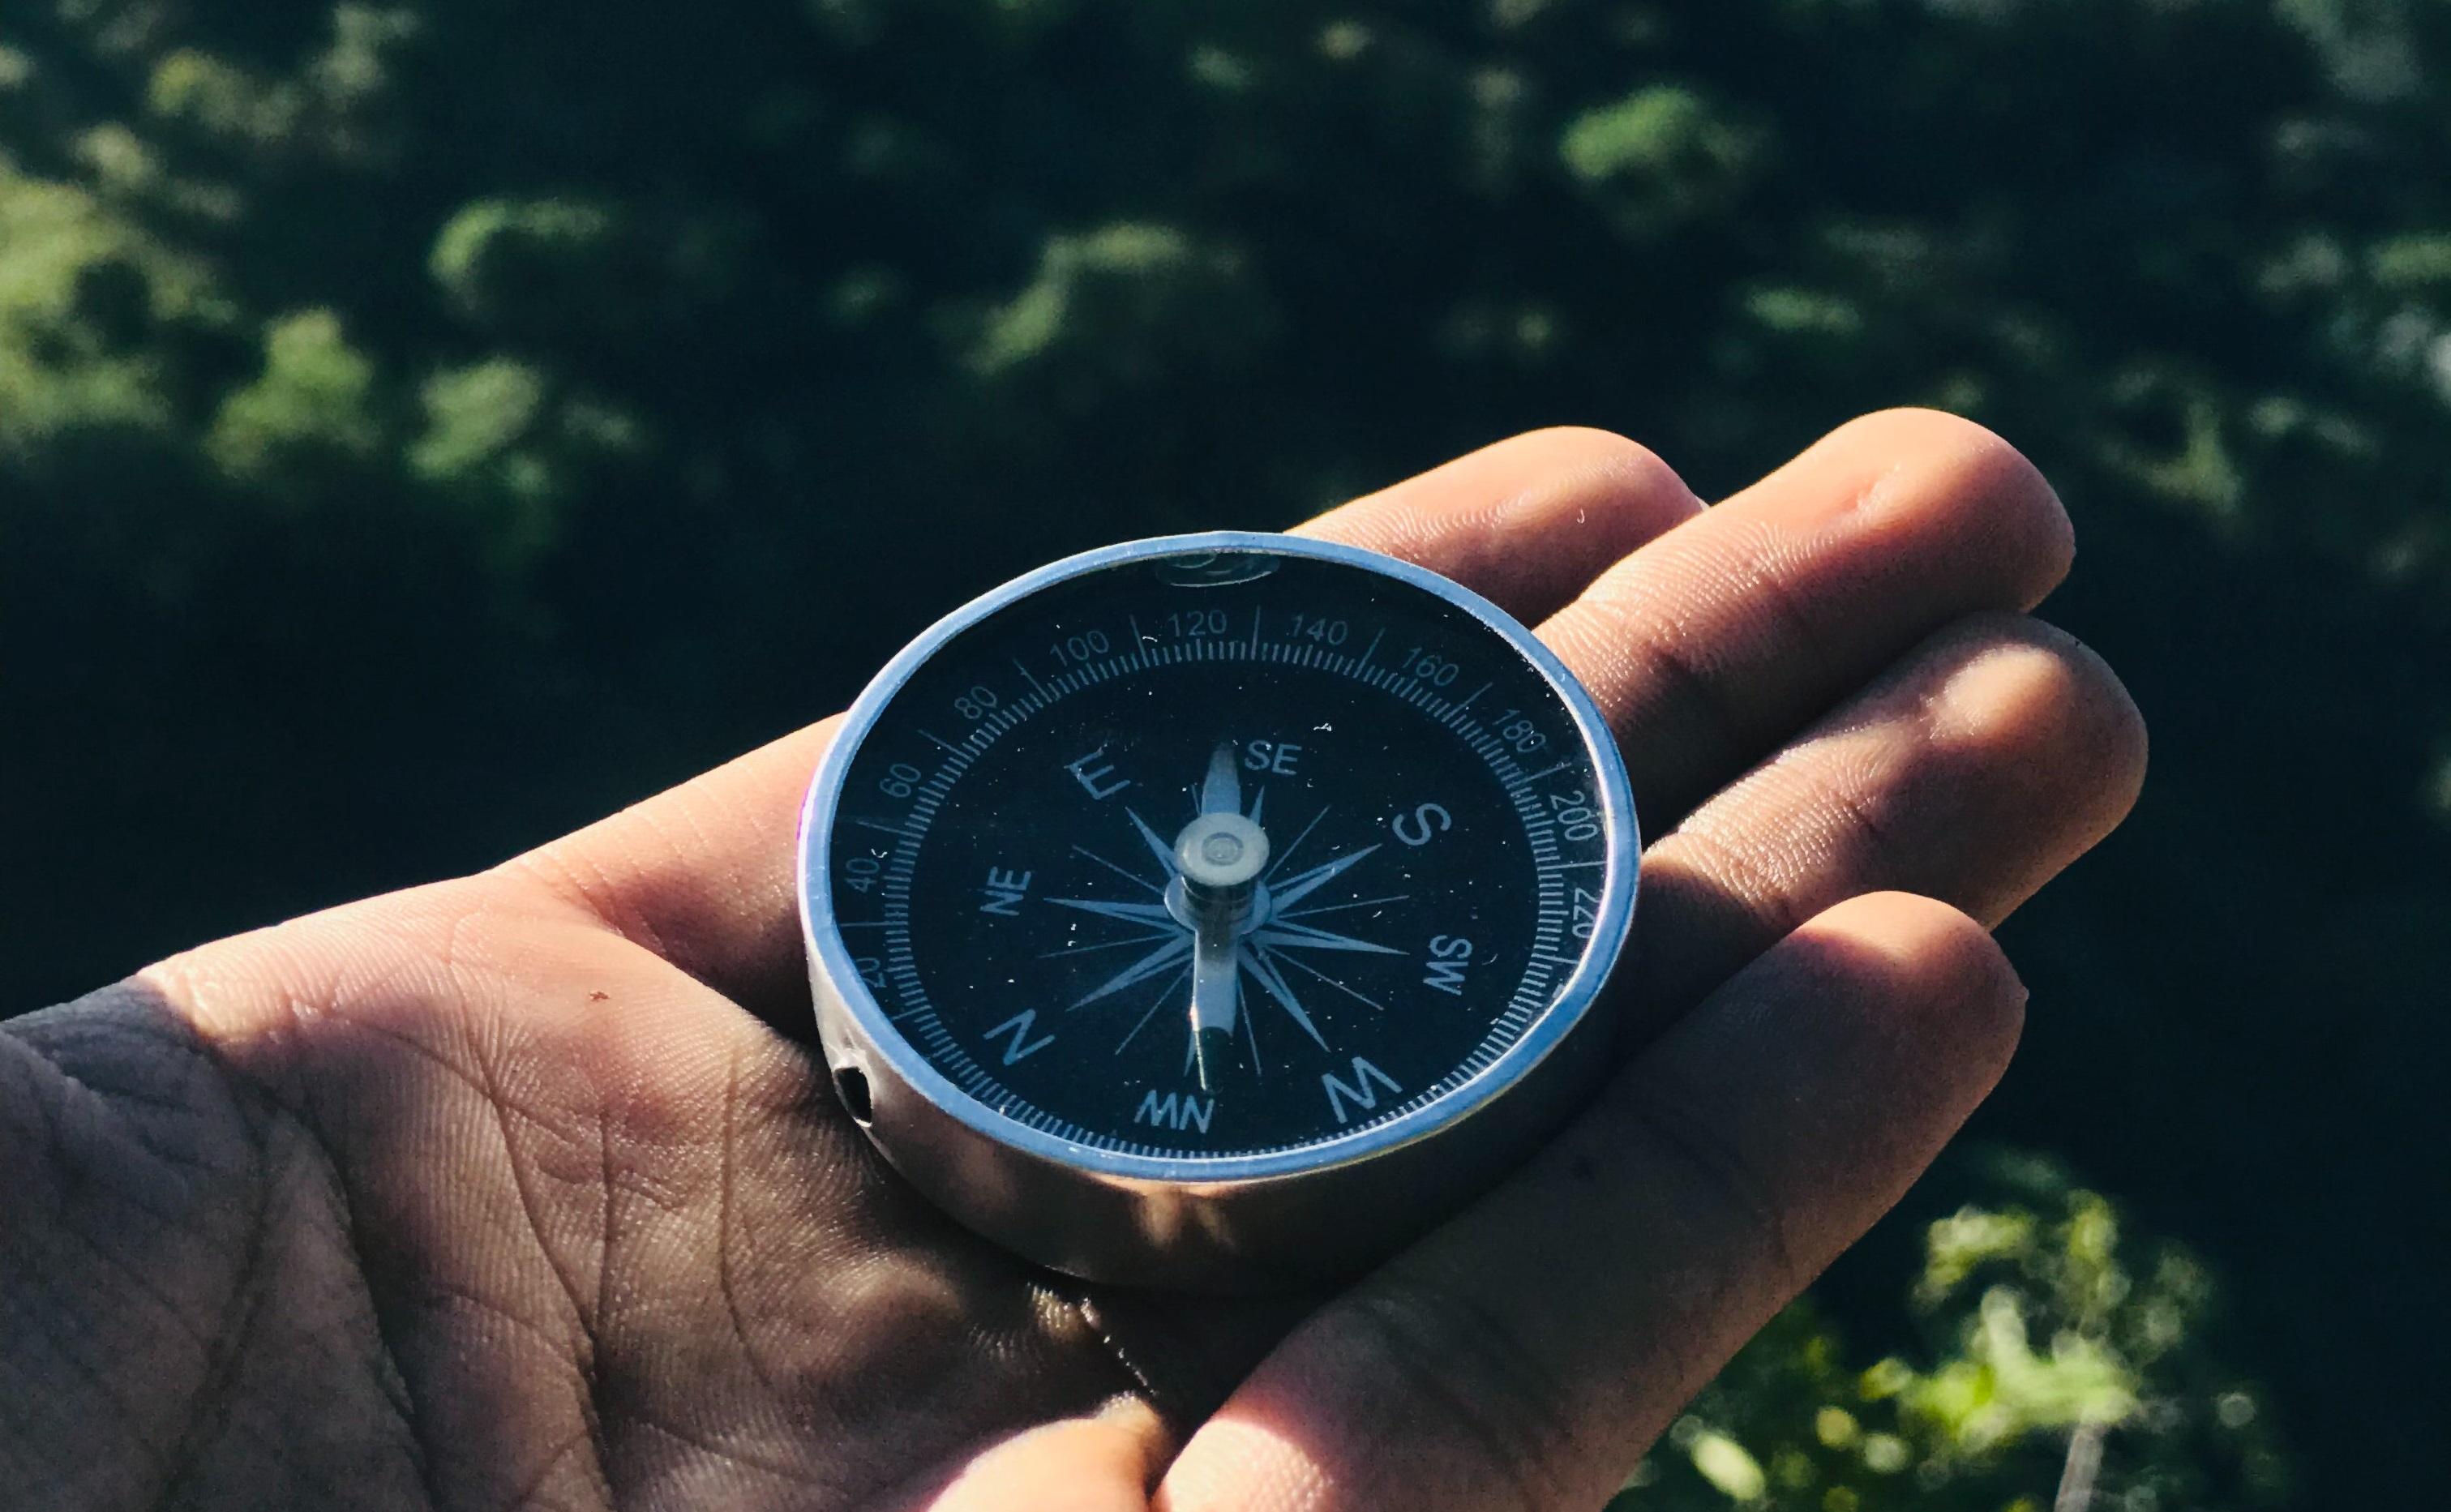 Ein Kompass liegt auf der Hand eines Menschen in der Natur.